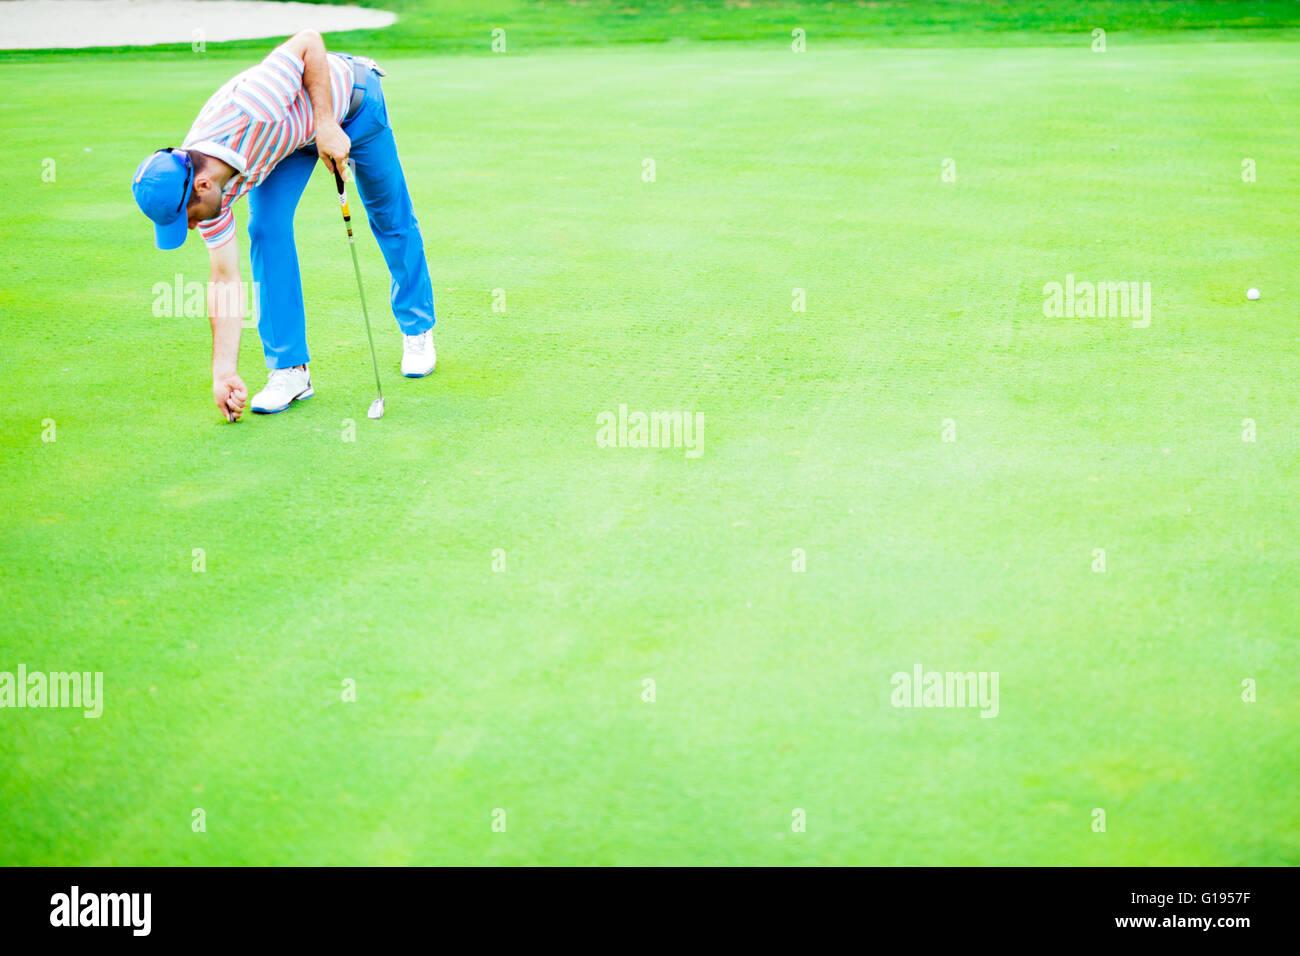 Golfspieler, die Reparatur Divot auf einer grünen Rasenfläche Stockbild